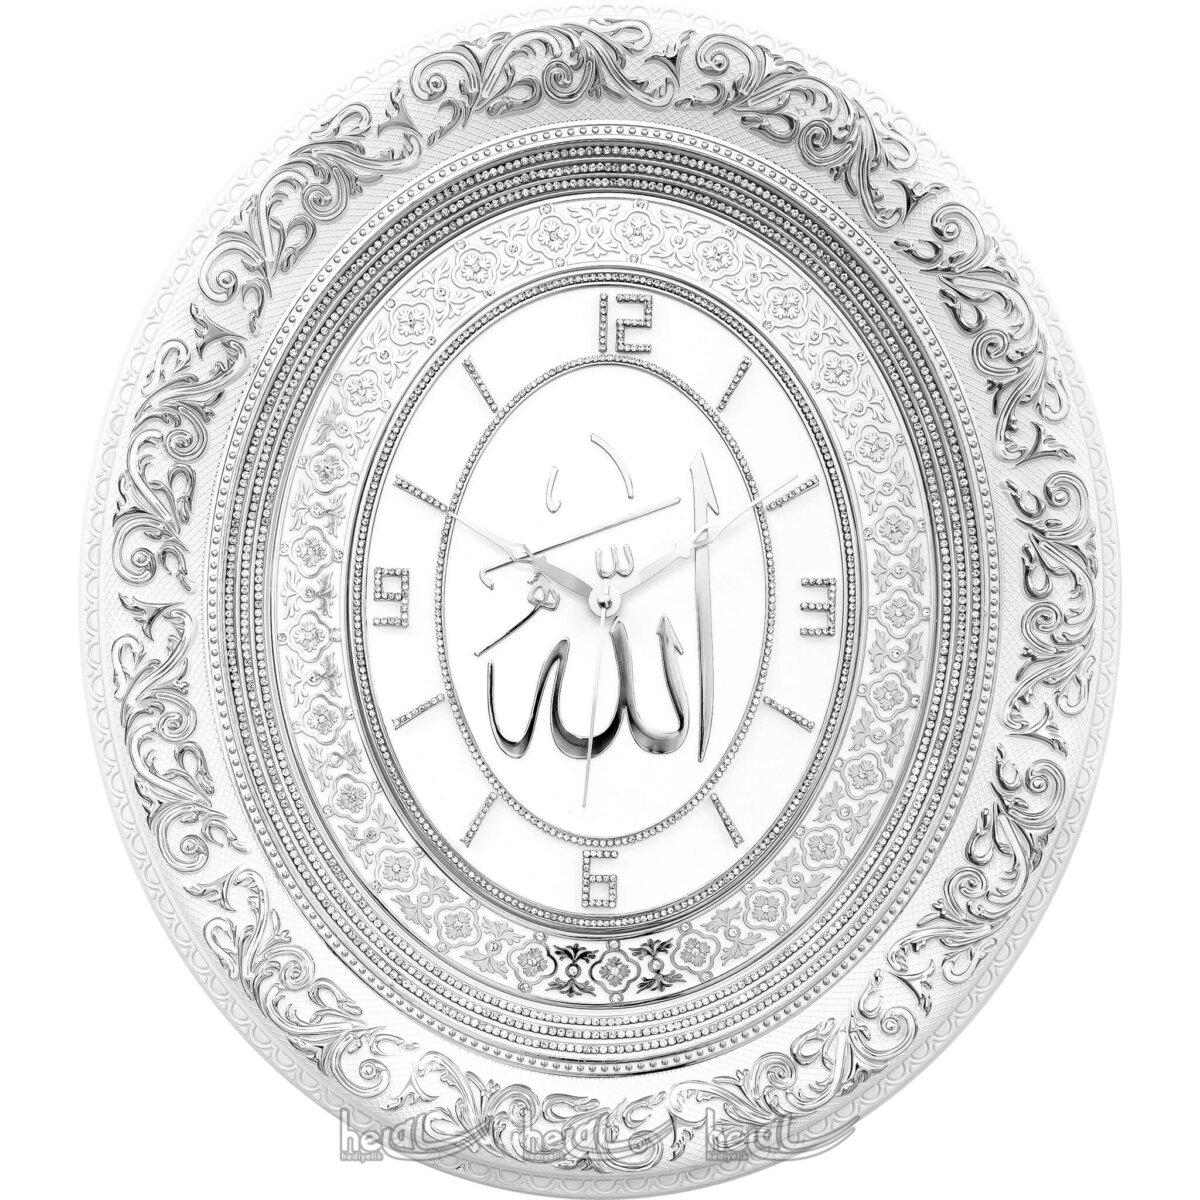 52x60cm Büyük Lüks Taşlı Allah cc.- İsmi Celil Lafzlı Oval Duvar Saati Tablo Saatler